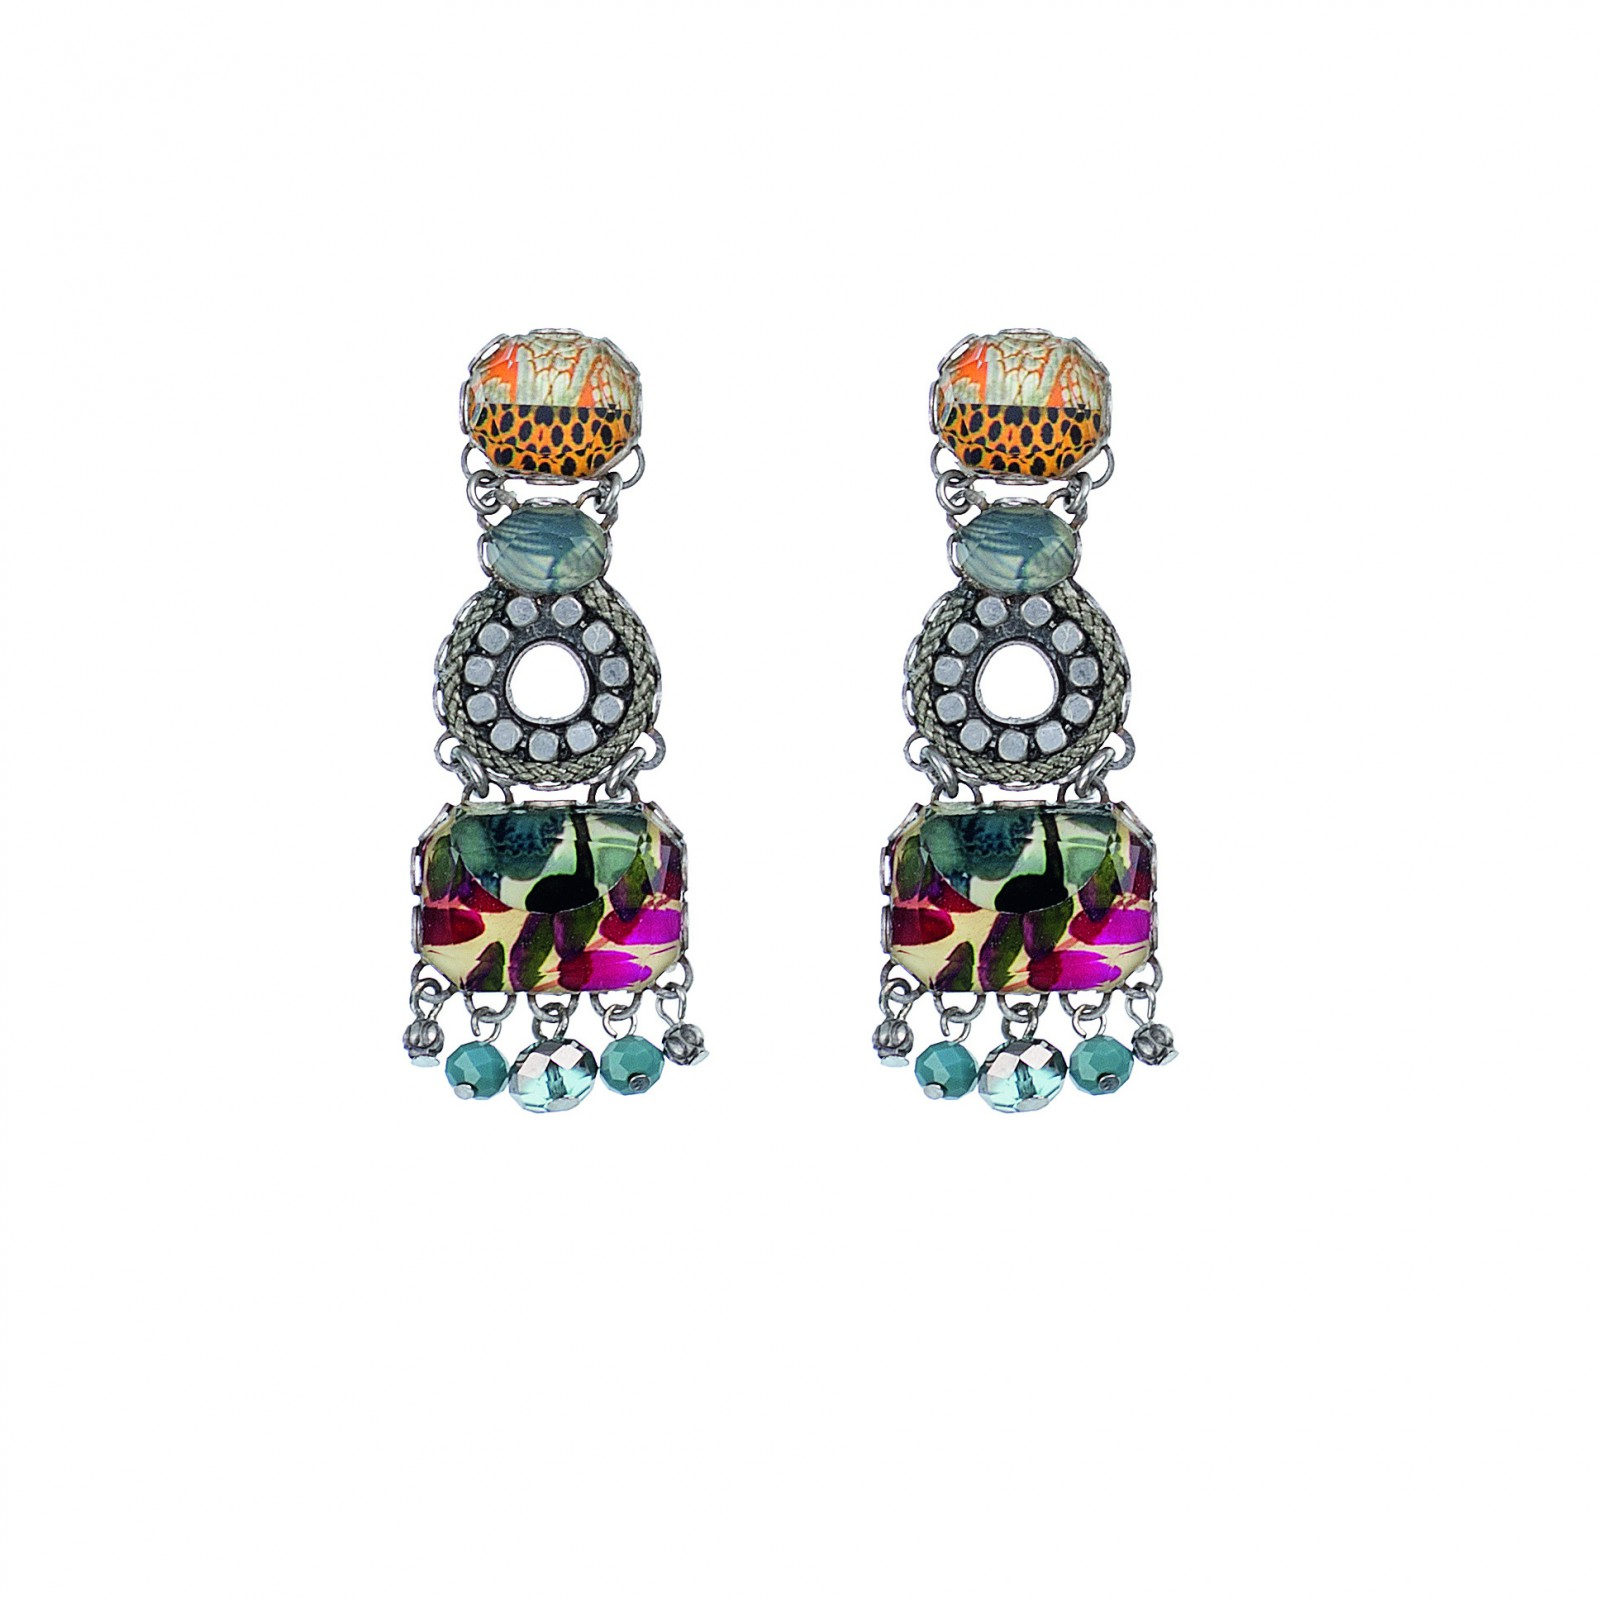 ff56576f03a2 KOLCZYKI NEW z kryształów Swarovskiego i żywicy naturalnej AYALA BAR